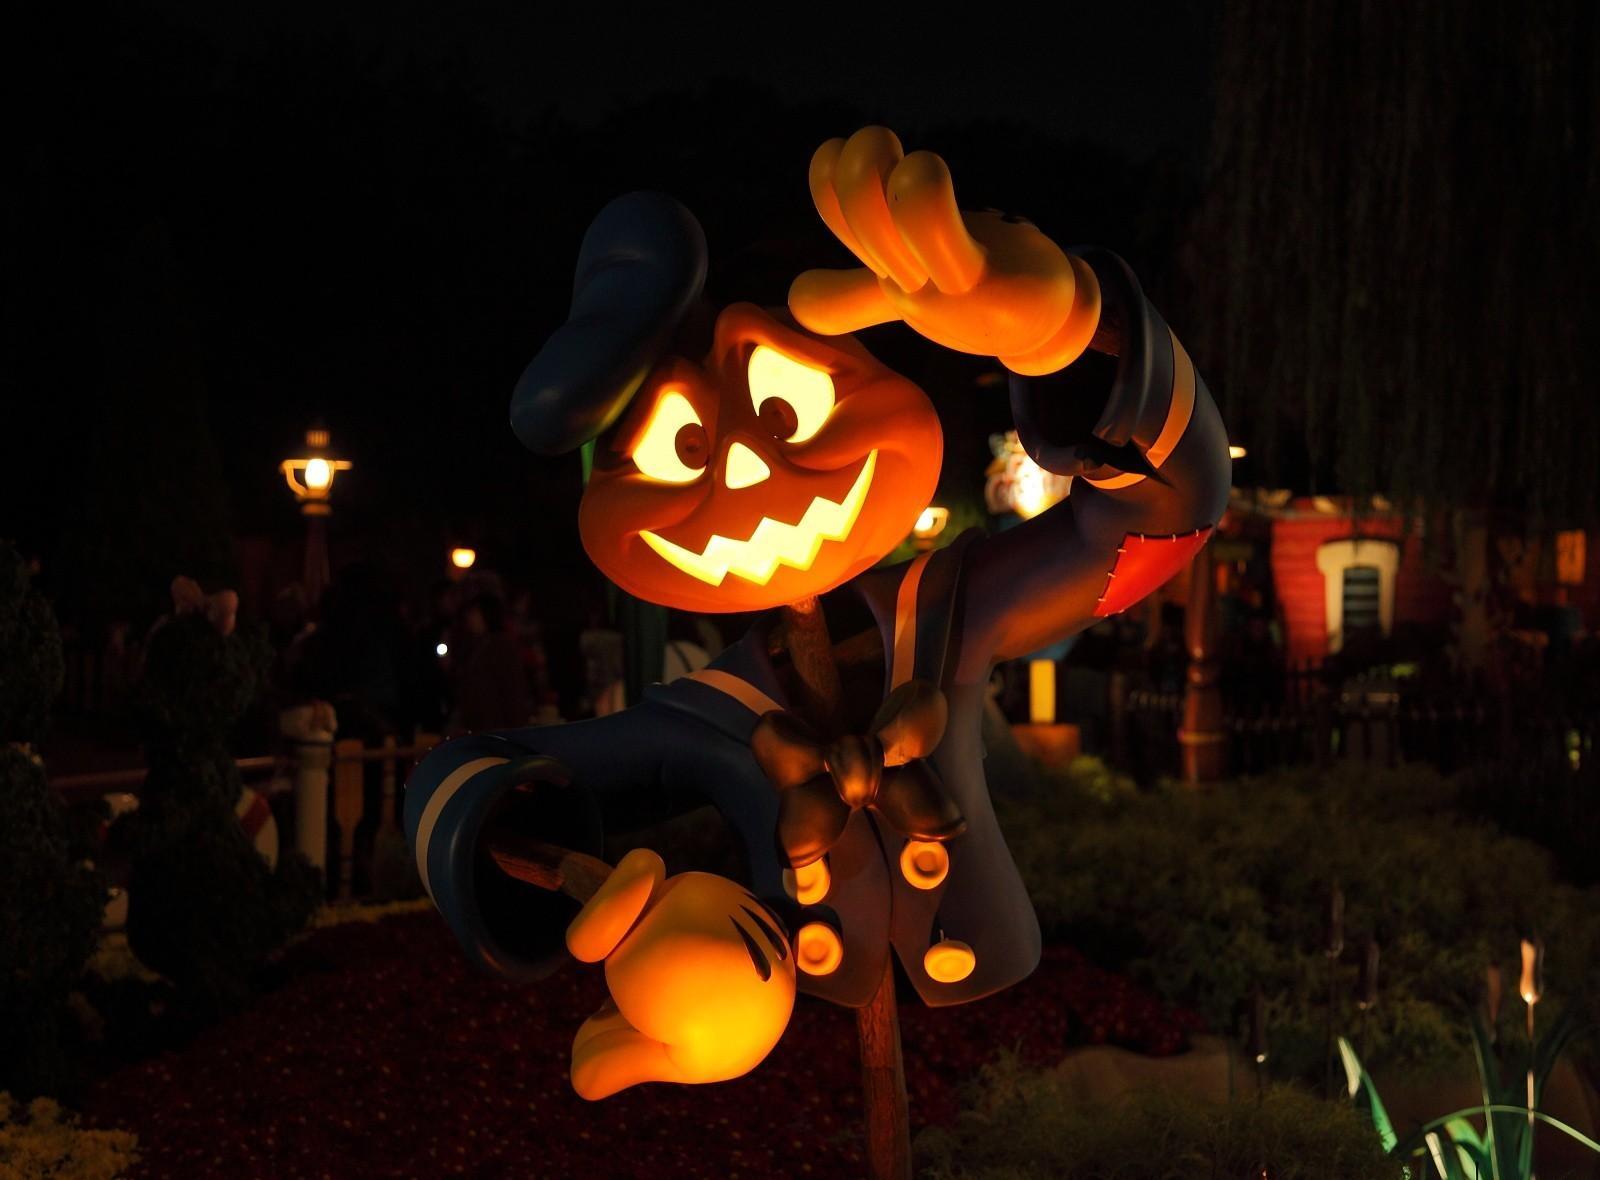 Sfondi luci notte halloween zucca vacanza jack o lantern